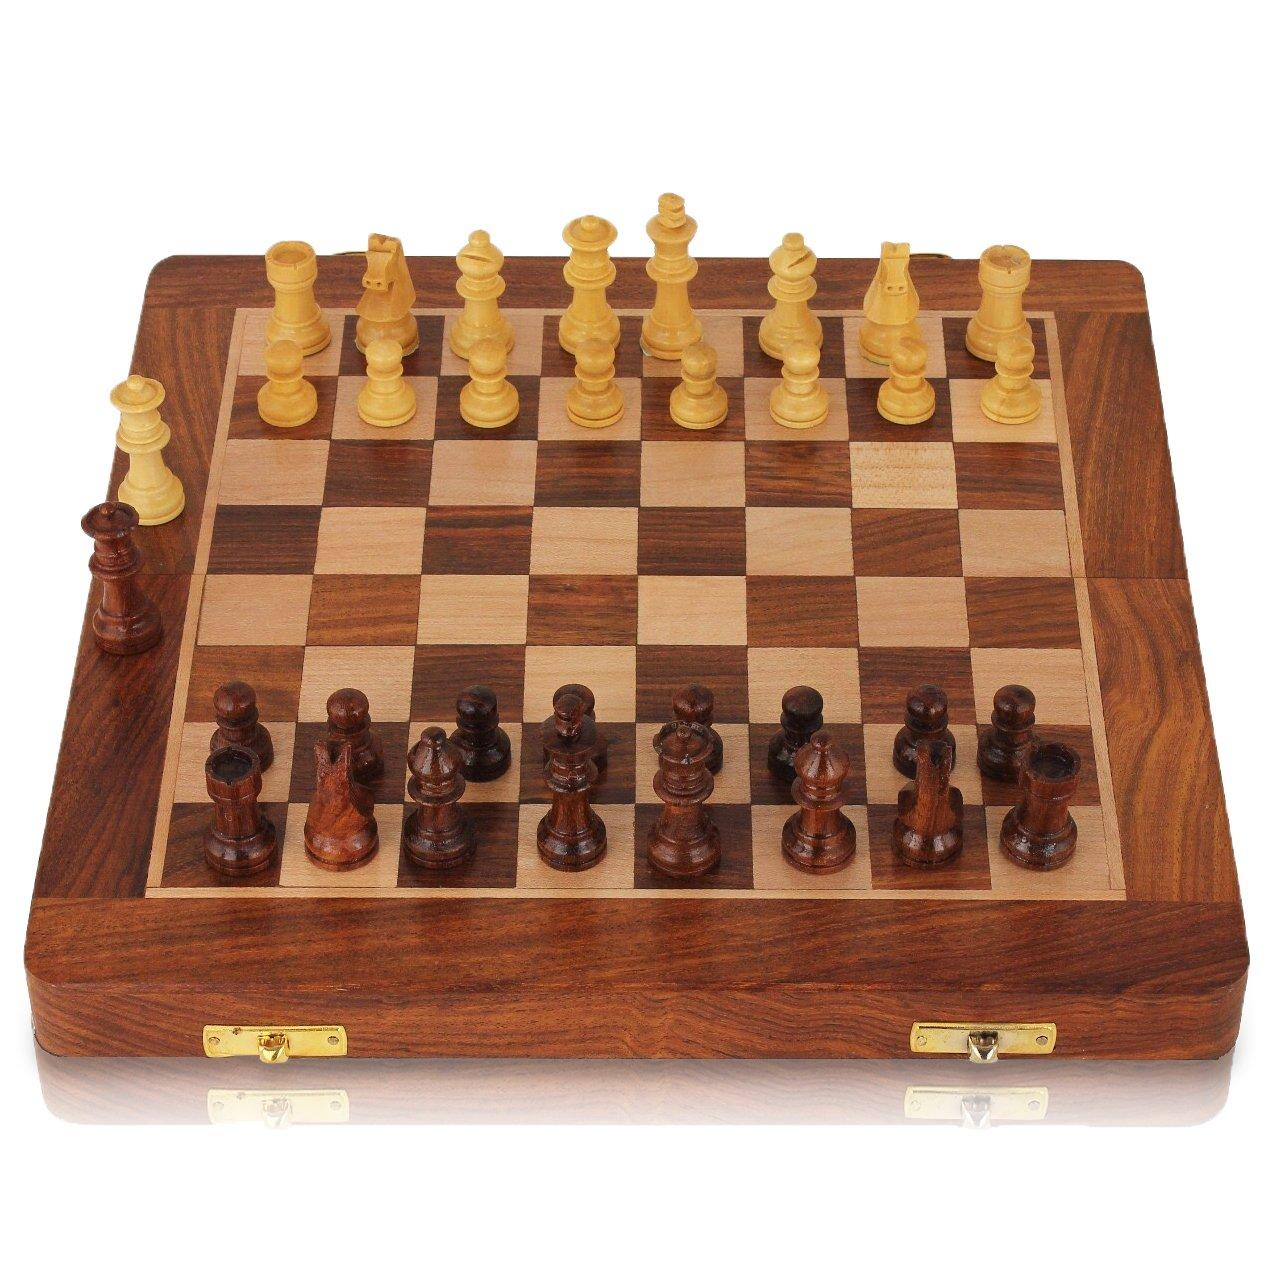 Jeu d'échecs - Jeu d'échecs en bois pour voyage Jeu d'échecs magnétique pour enfants, adultes Jeu d'échecs pliable Tournoi de jeu d'échecs de 10.5'' rassemble la famille en plein air Conçu à la main avec 2 reines supplémentaires Super Samar